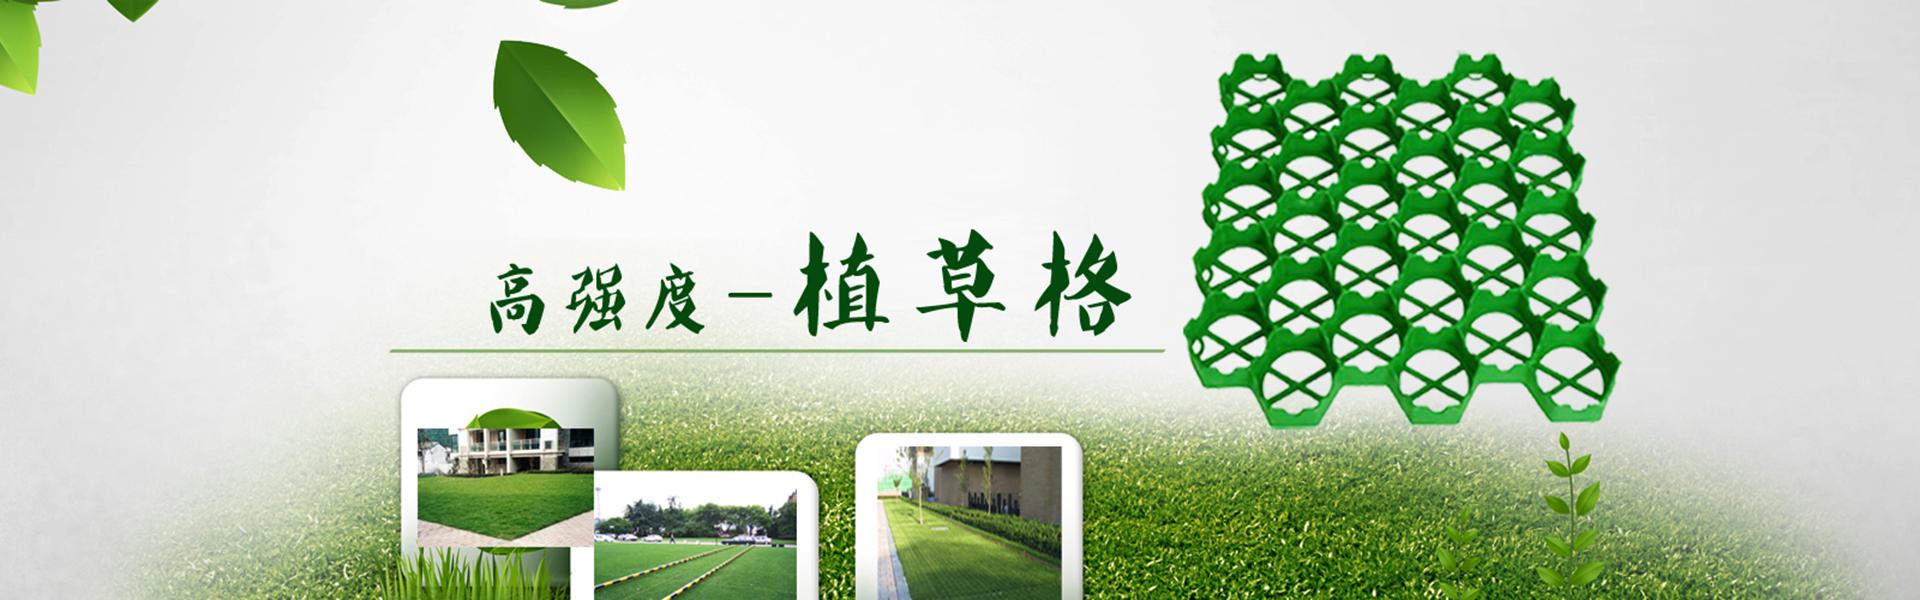 山東塑料植草格